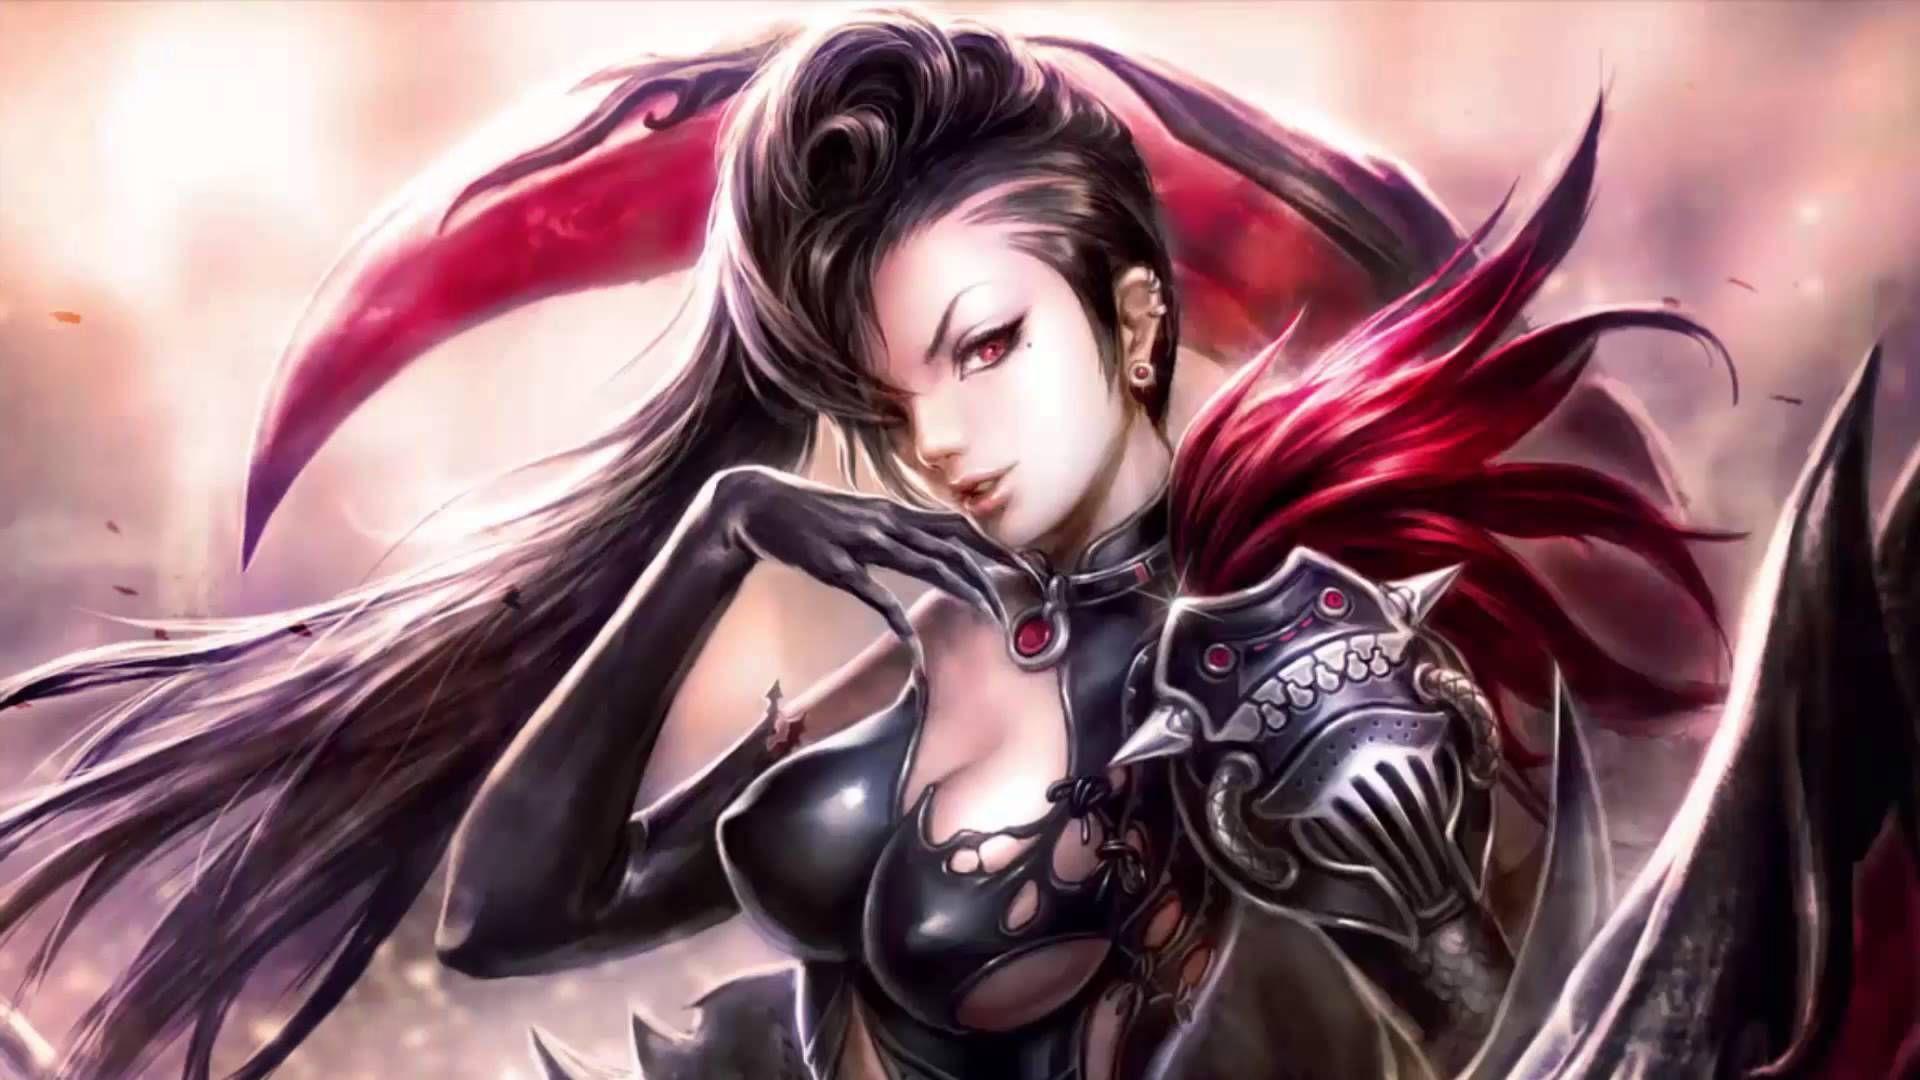 Blade And Soul Blade And Soul Ps4 Blade And Soul Fan Art Warrior Girl